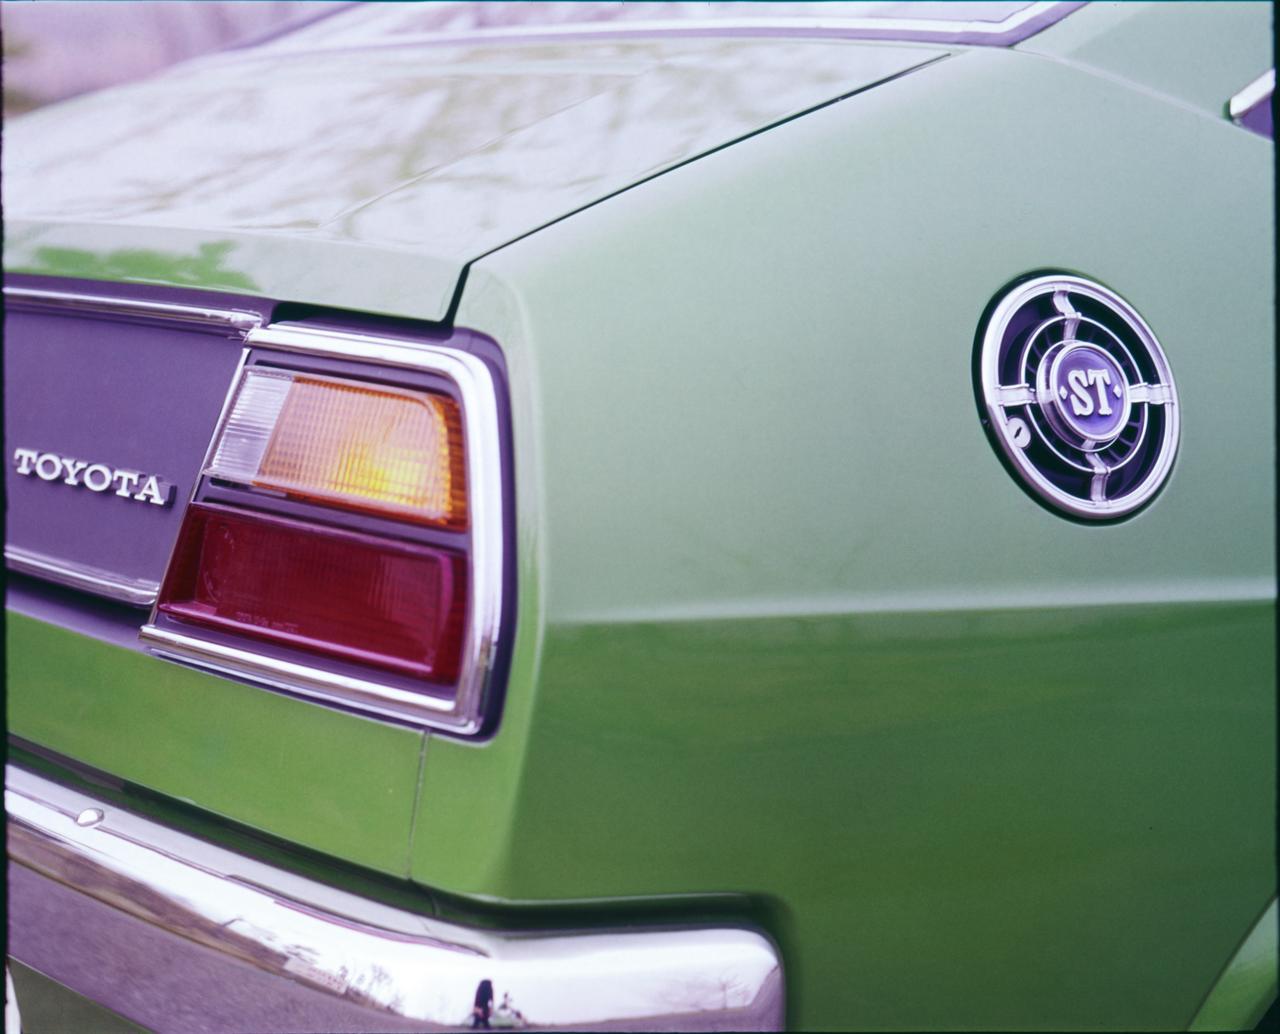 Images : 9番目の画像 - 「【今日は何の日?】初代パブリカスターレット発売「初代スターレットはクーペスタイルだった」46年前 1973年4月11日」のアルバム - Webモーターマガジン